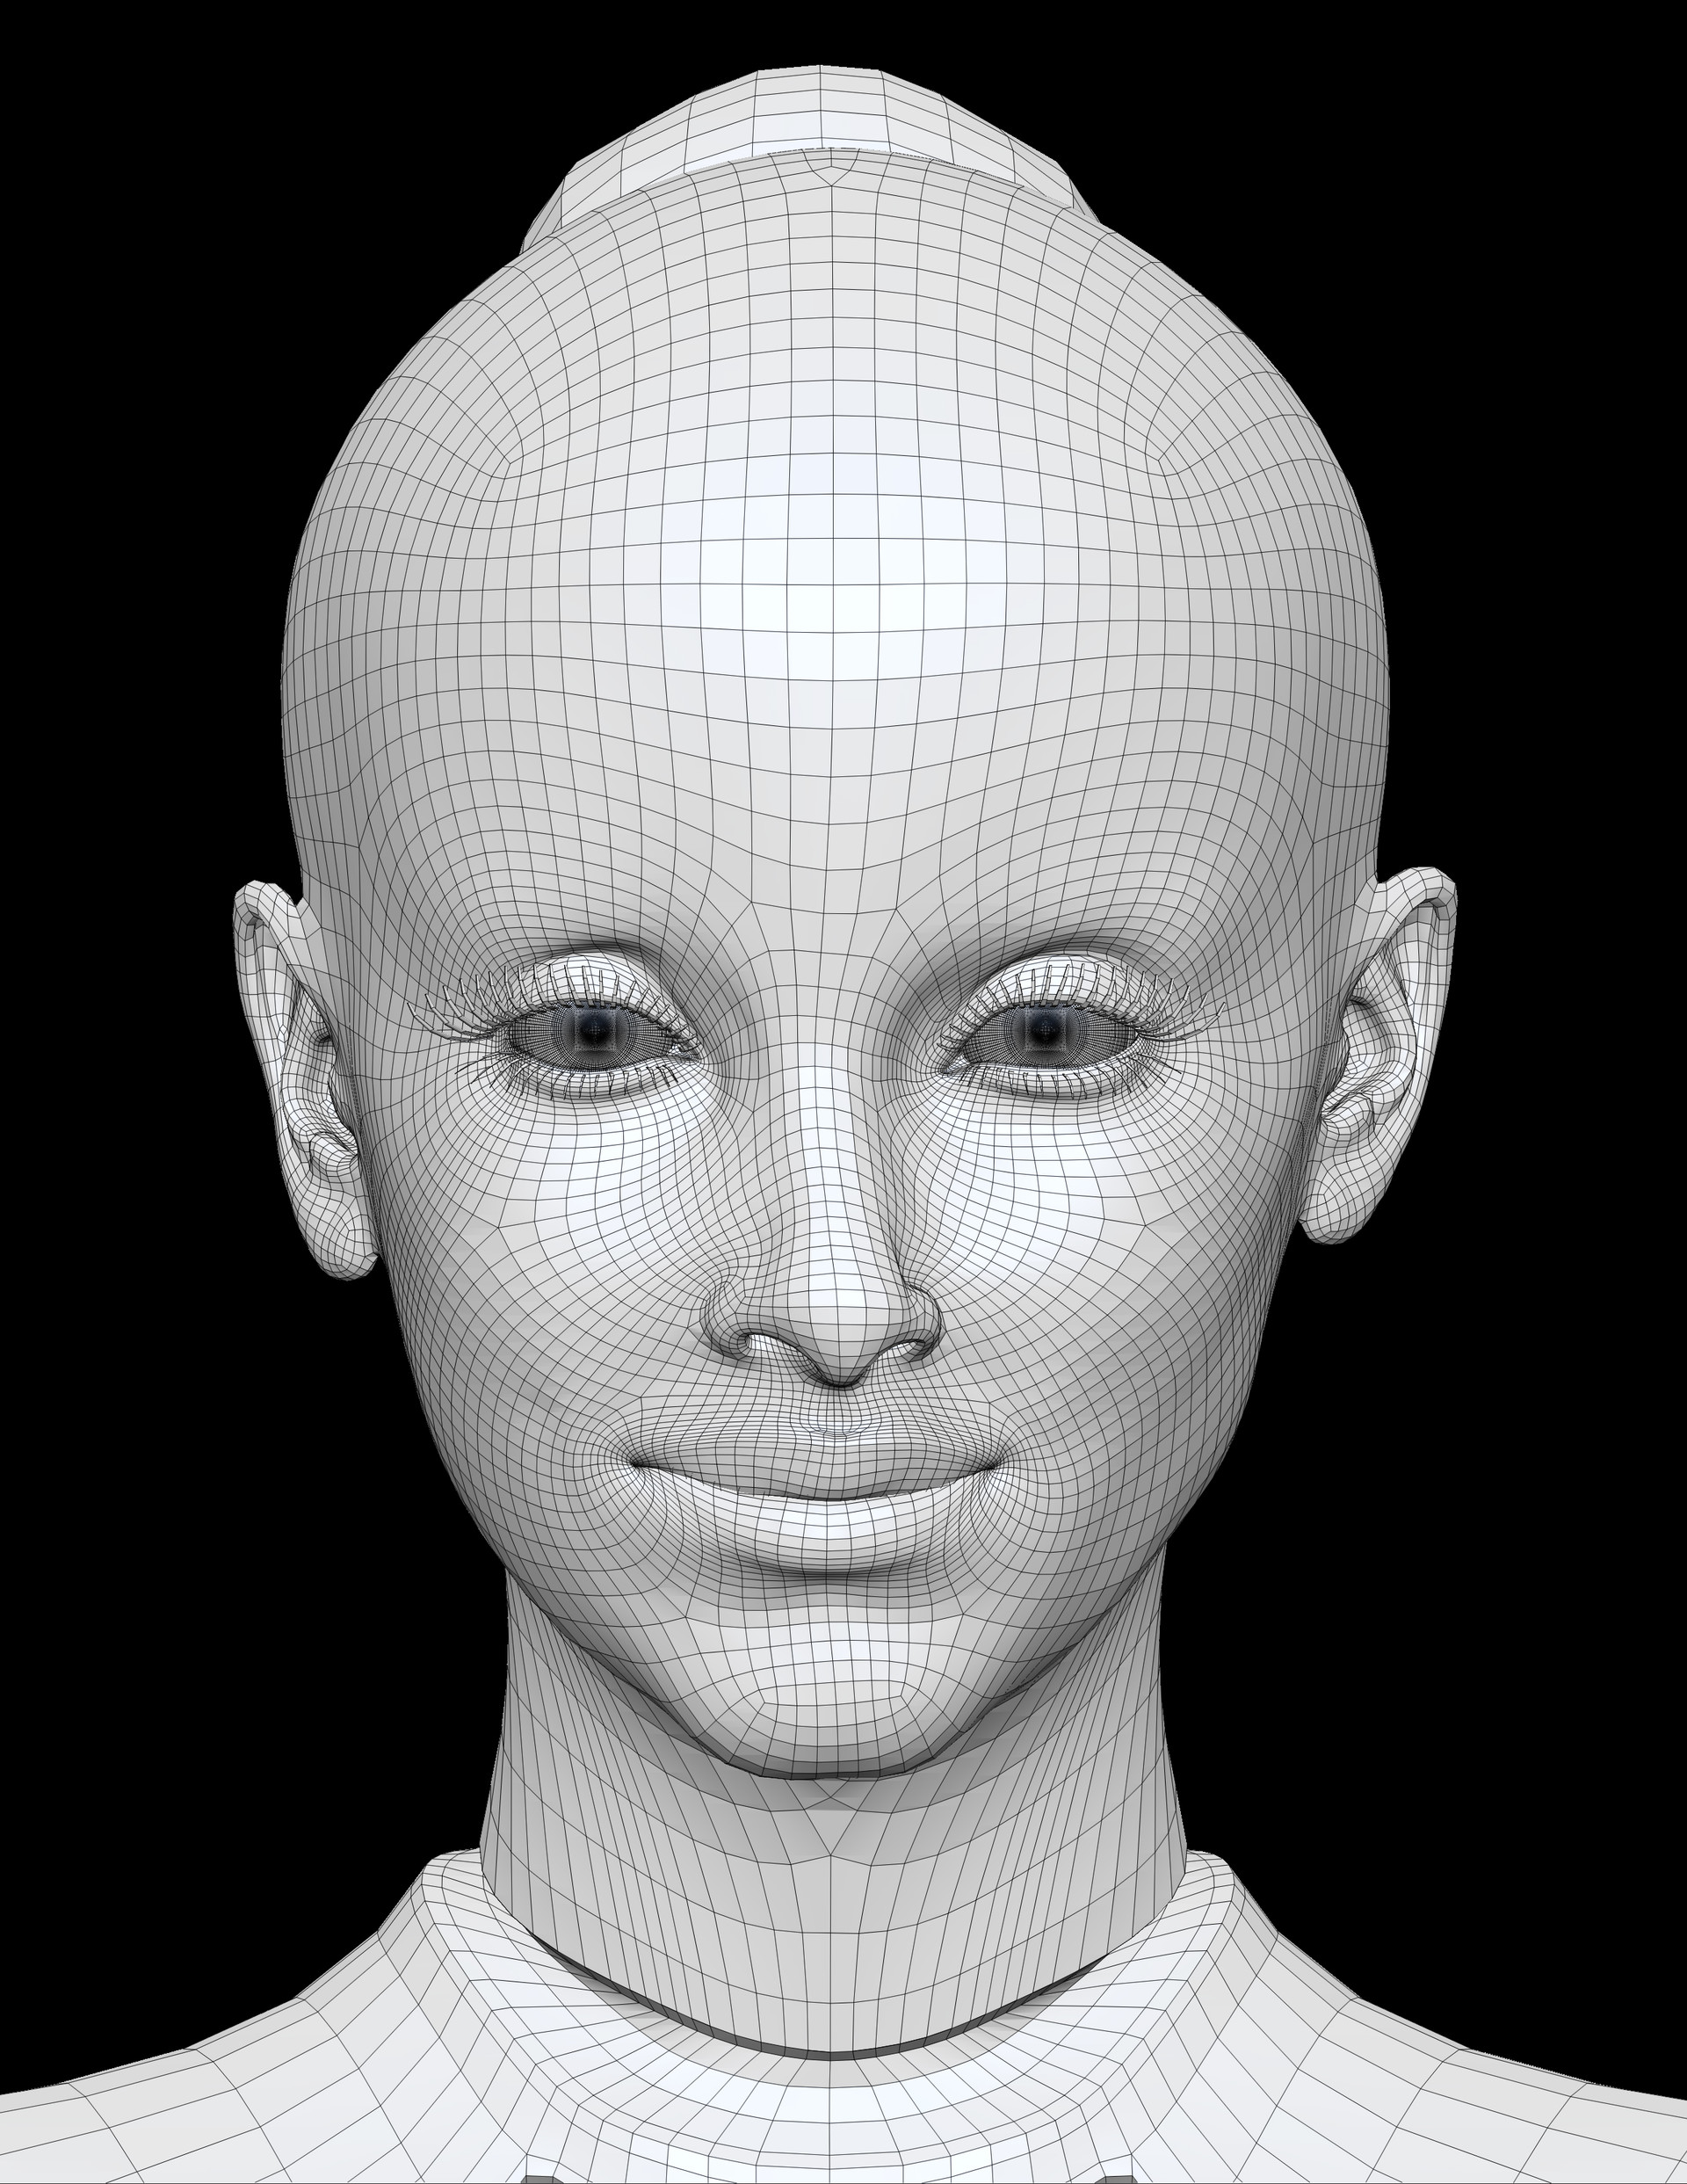 ArtStation - Female bot, Marie-Pier Bouffard